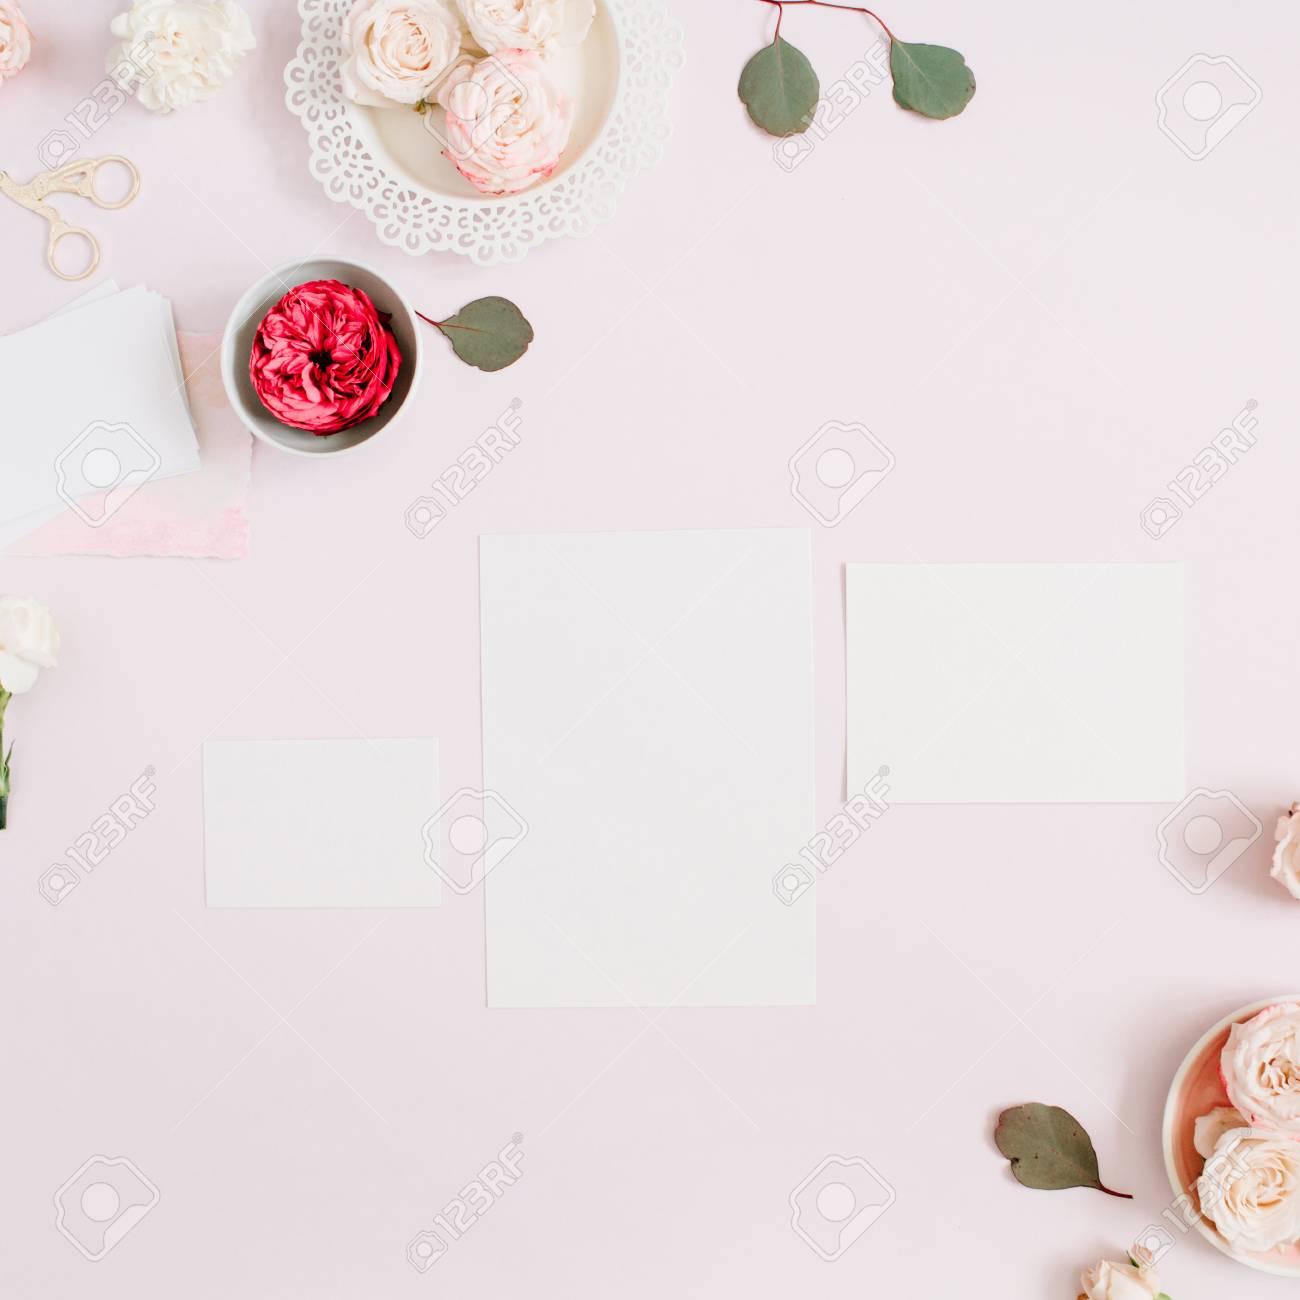 Modèle De Cartes Dinvitation De Mariage Boutons Floraux Roses Roses Et Rouges Et Oeillet Blanc Sur Fond Rose Pastel Pâle Espace De Travail Avec Du